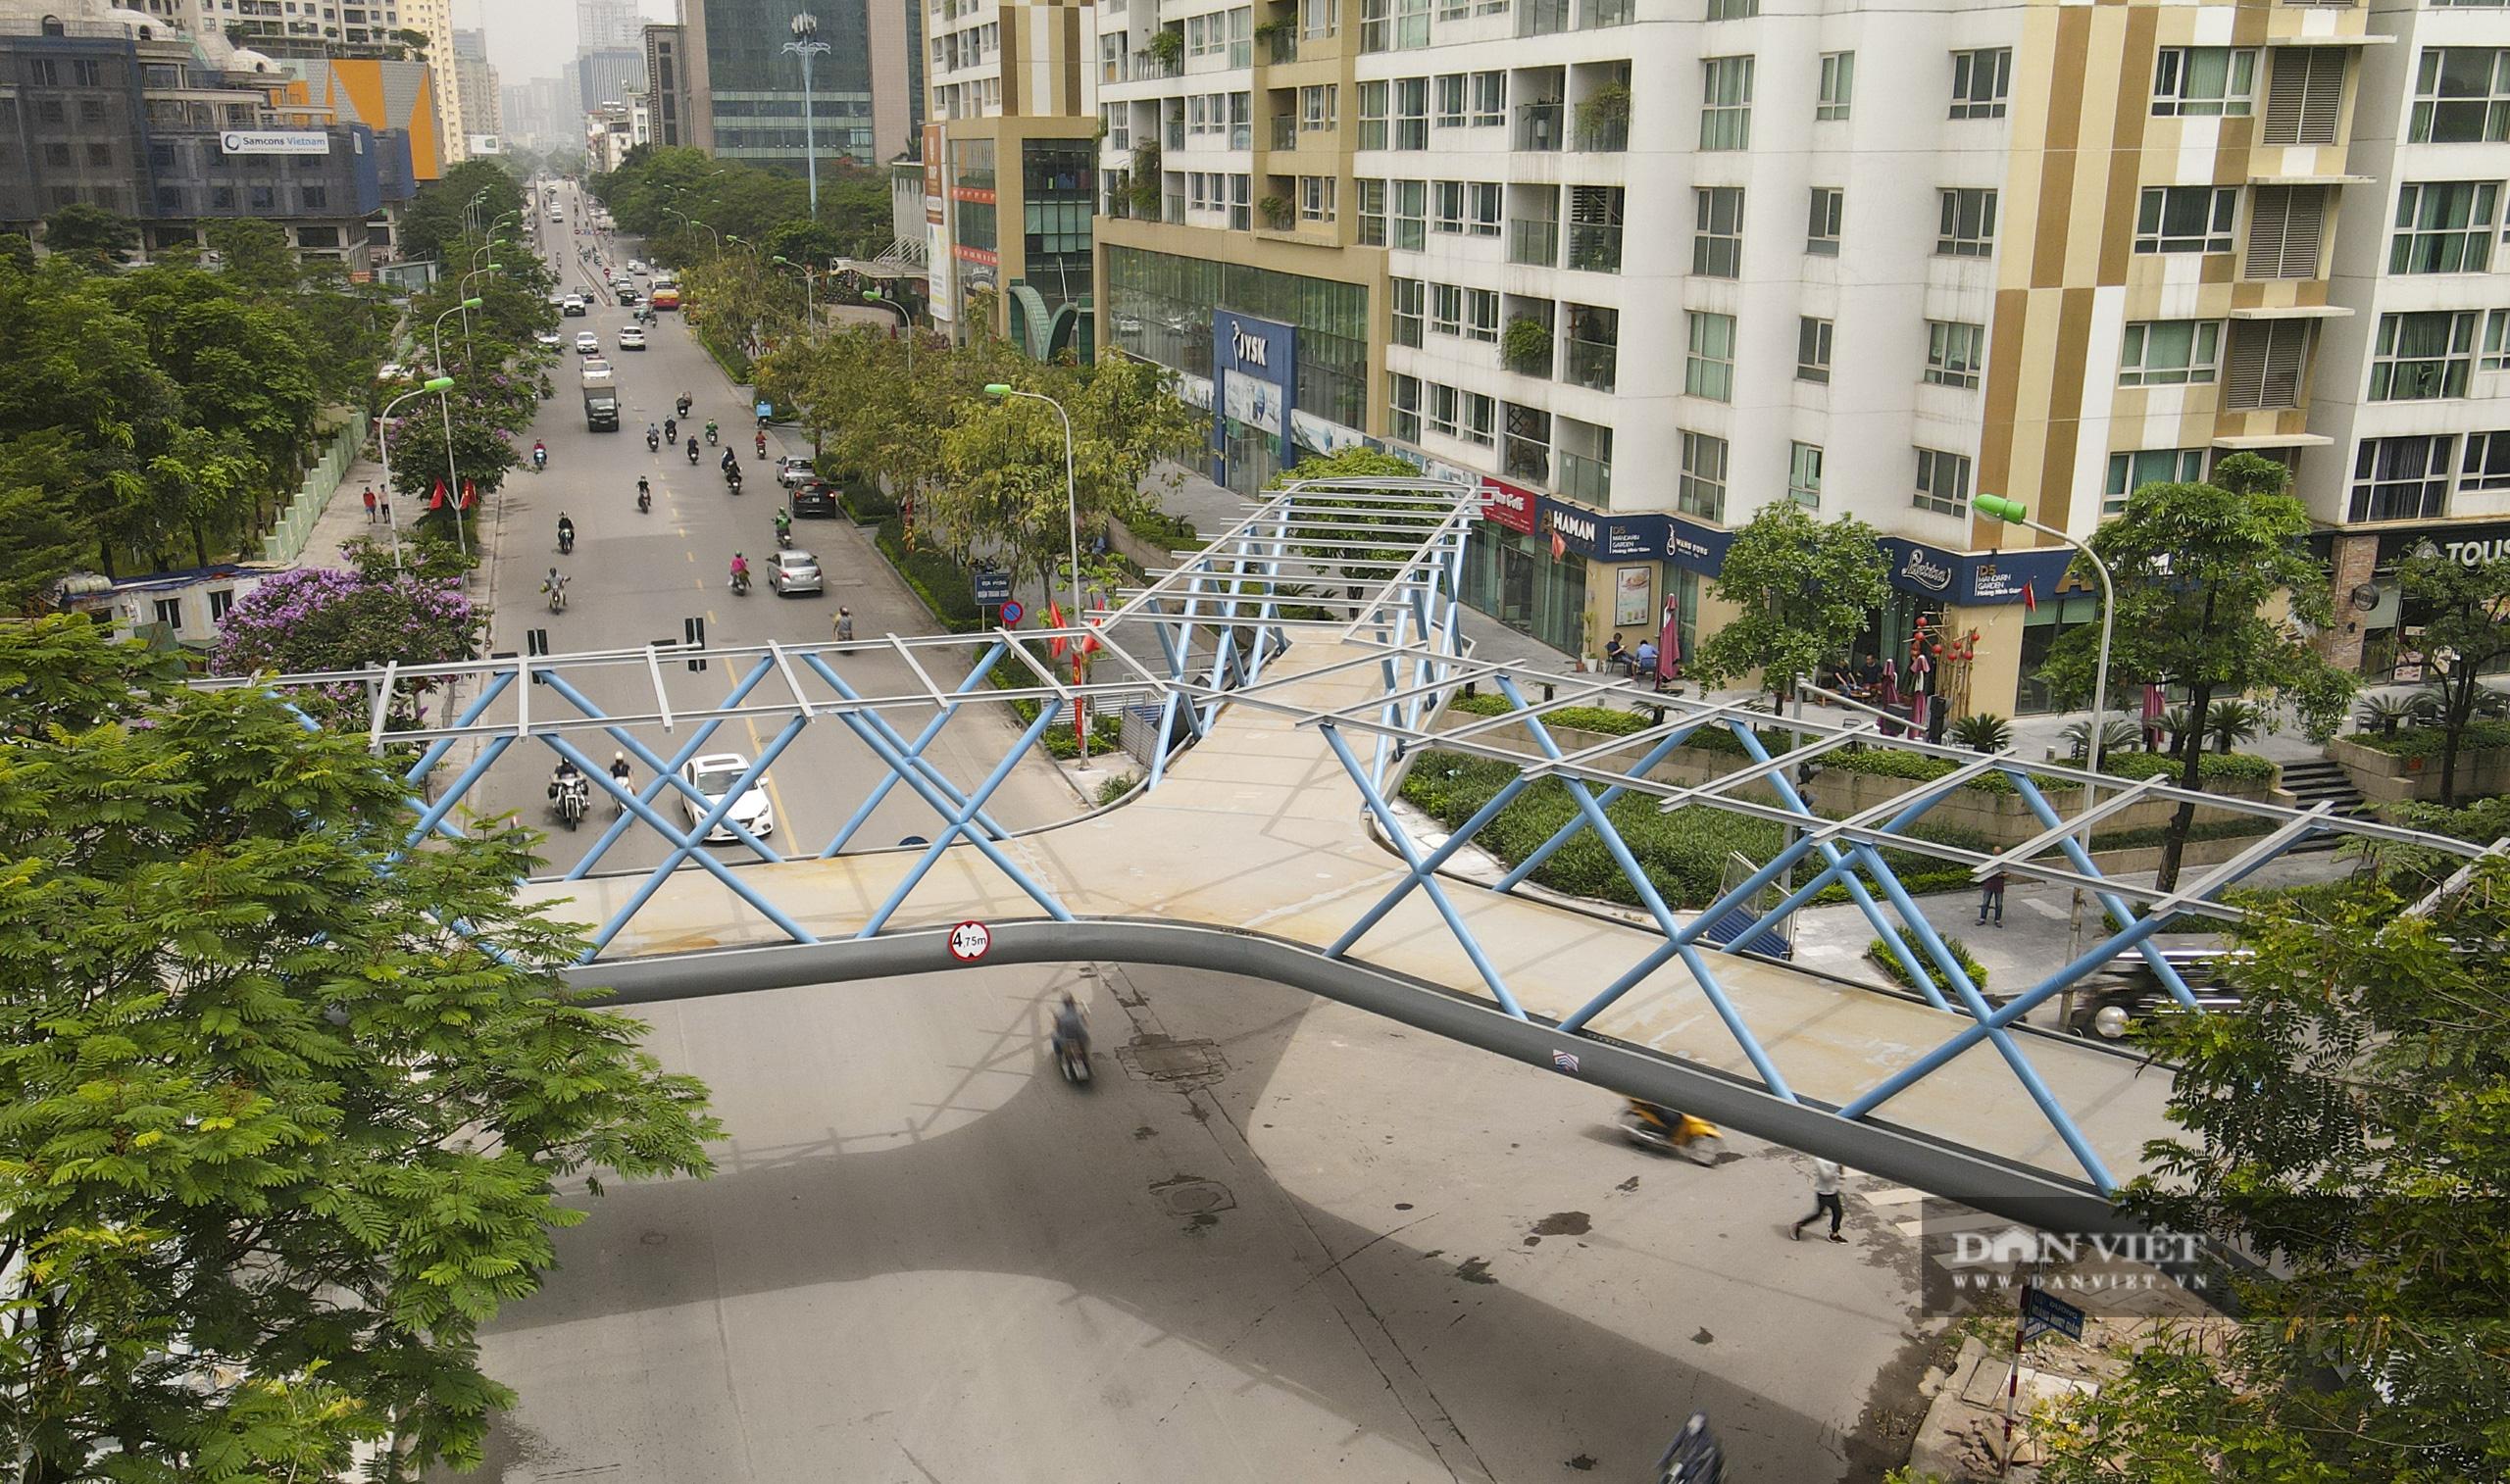 Ngắm cầu vượt bộ hành hình chữ Y đẹp nhất Hà Nội - Ảnh 3.